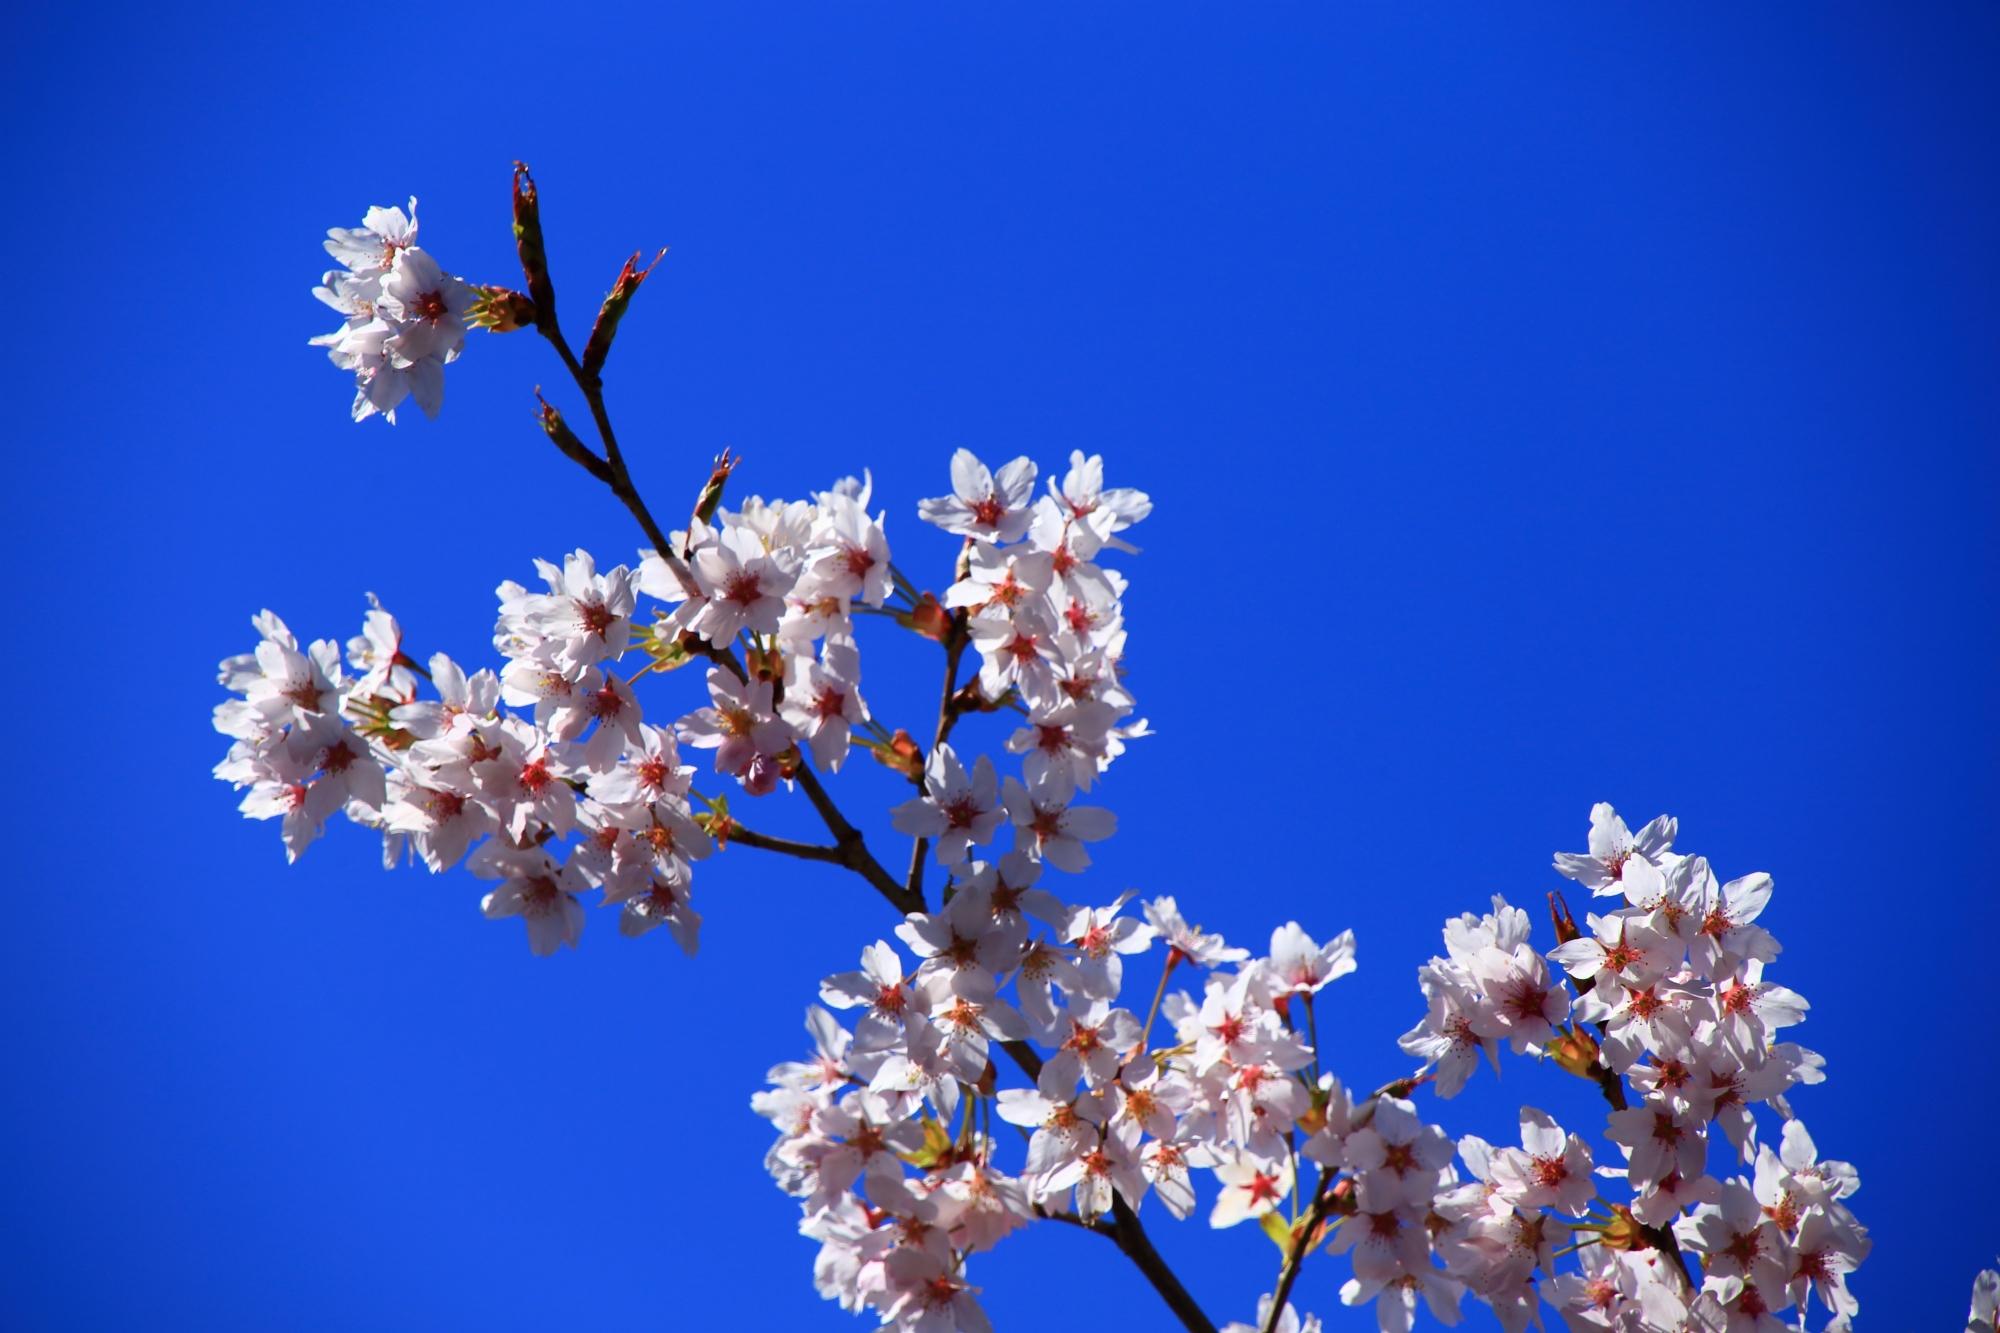 透けるような白い花を咲かせるサクラ